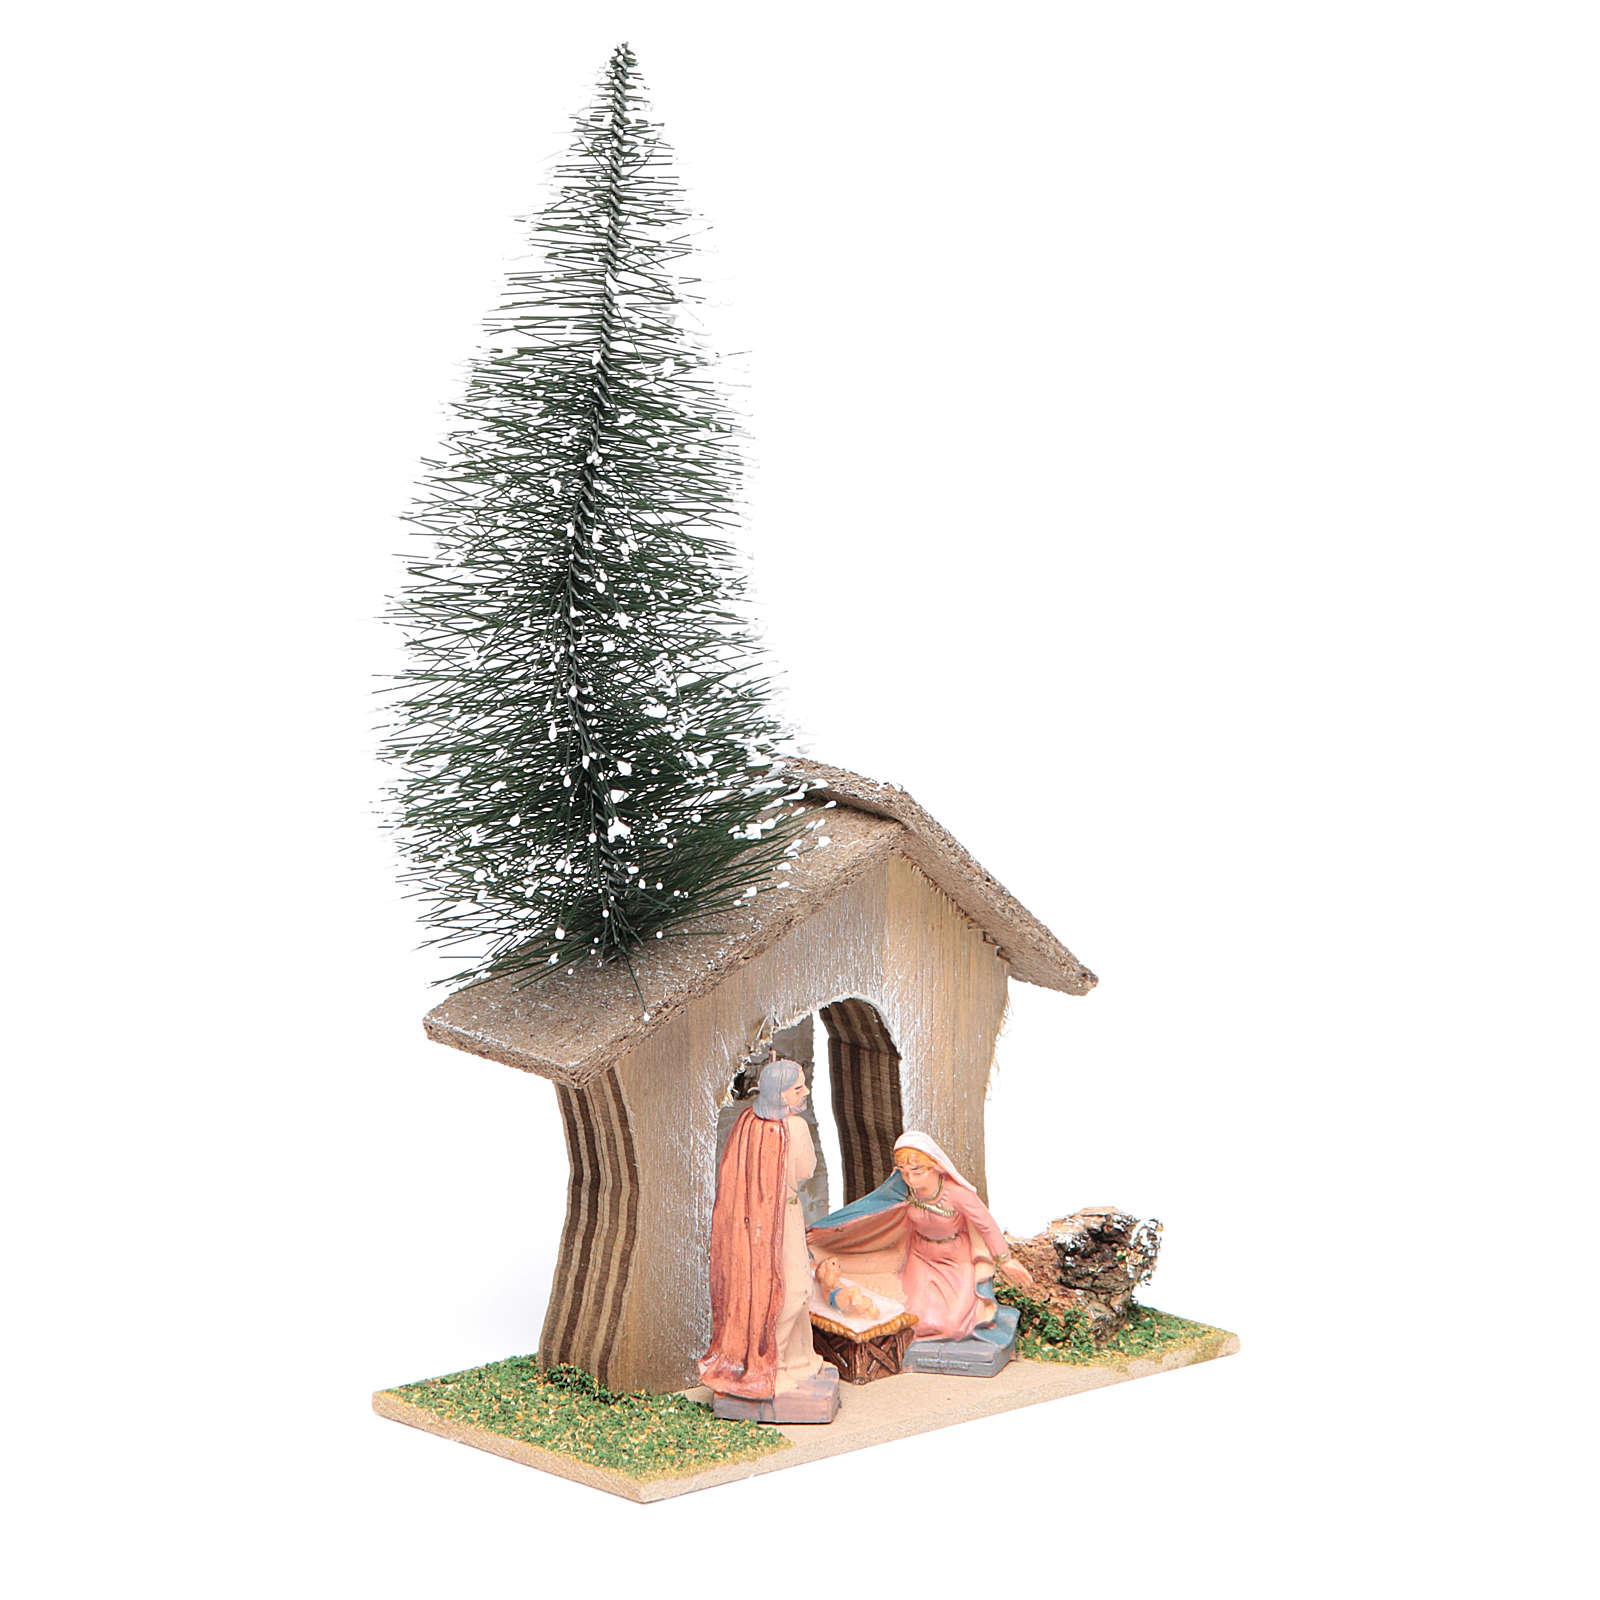 Capanna con pino e natività 22x13x7 cm 3